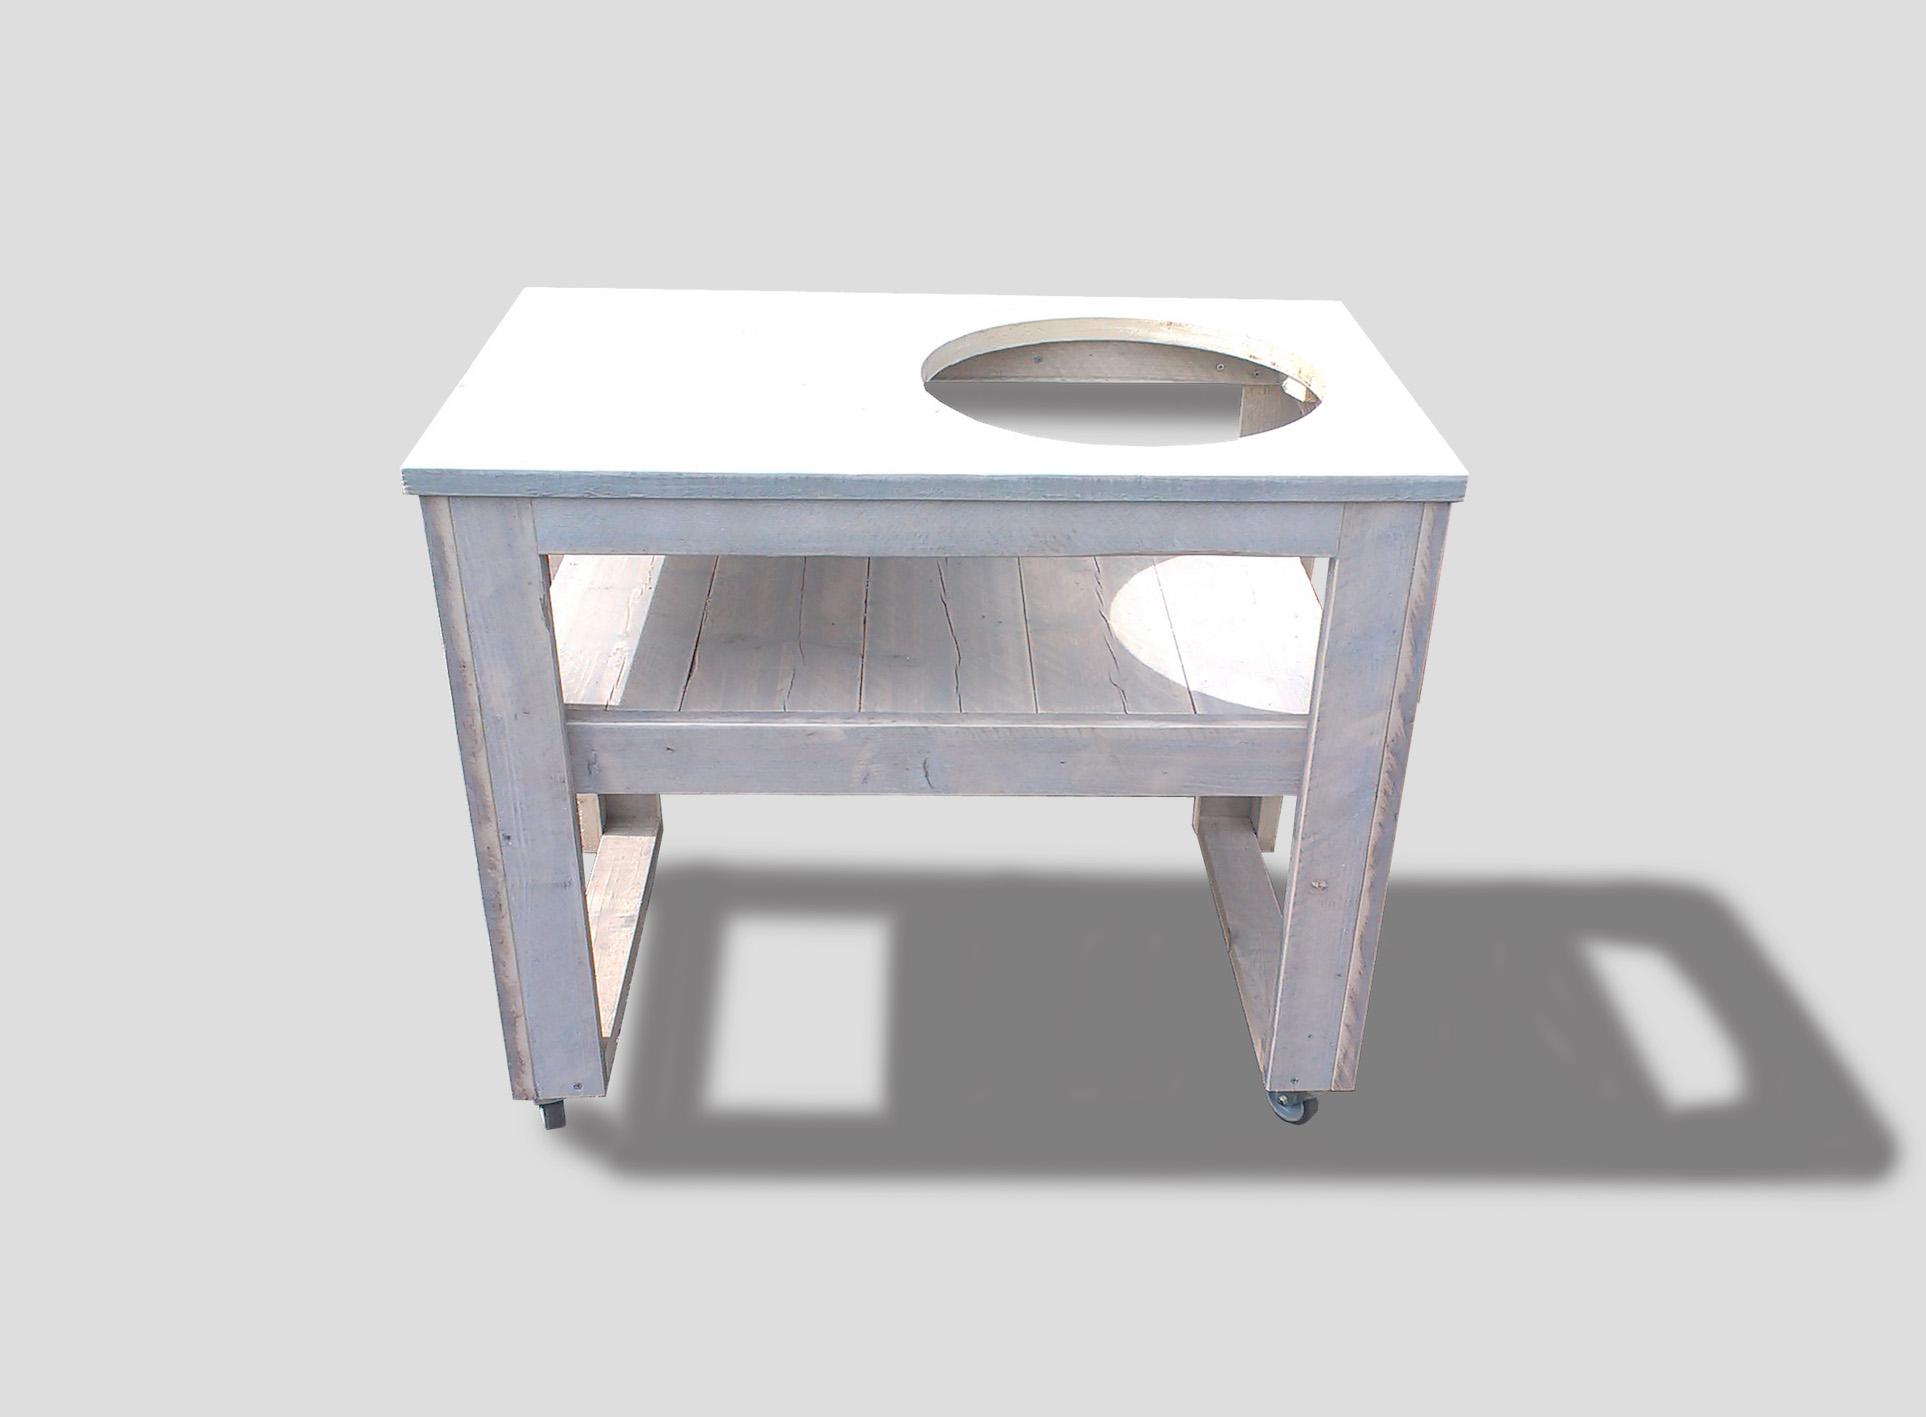 Tafel steigerhout kort model cookers grills for Afdekhoes tafel